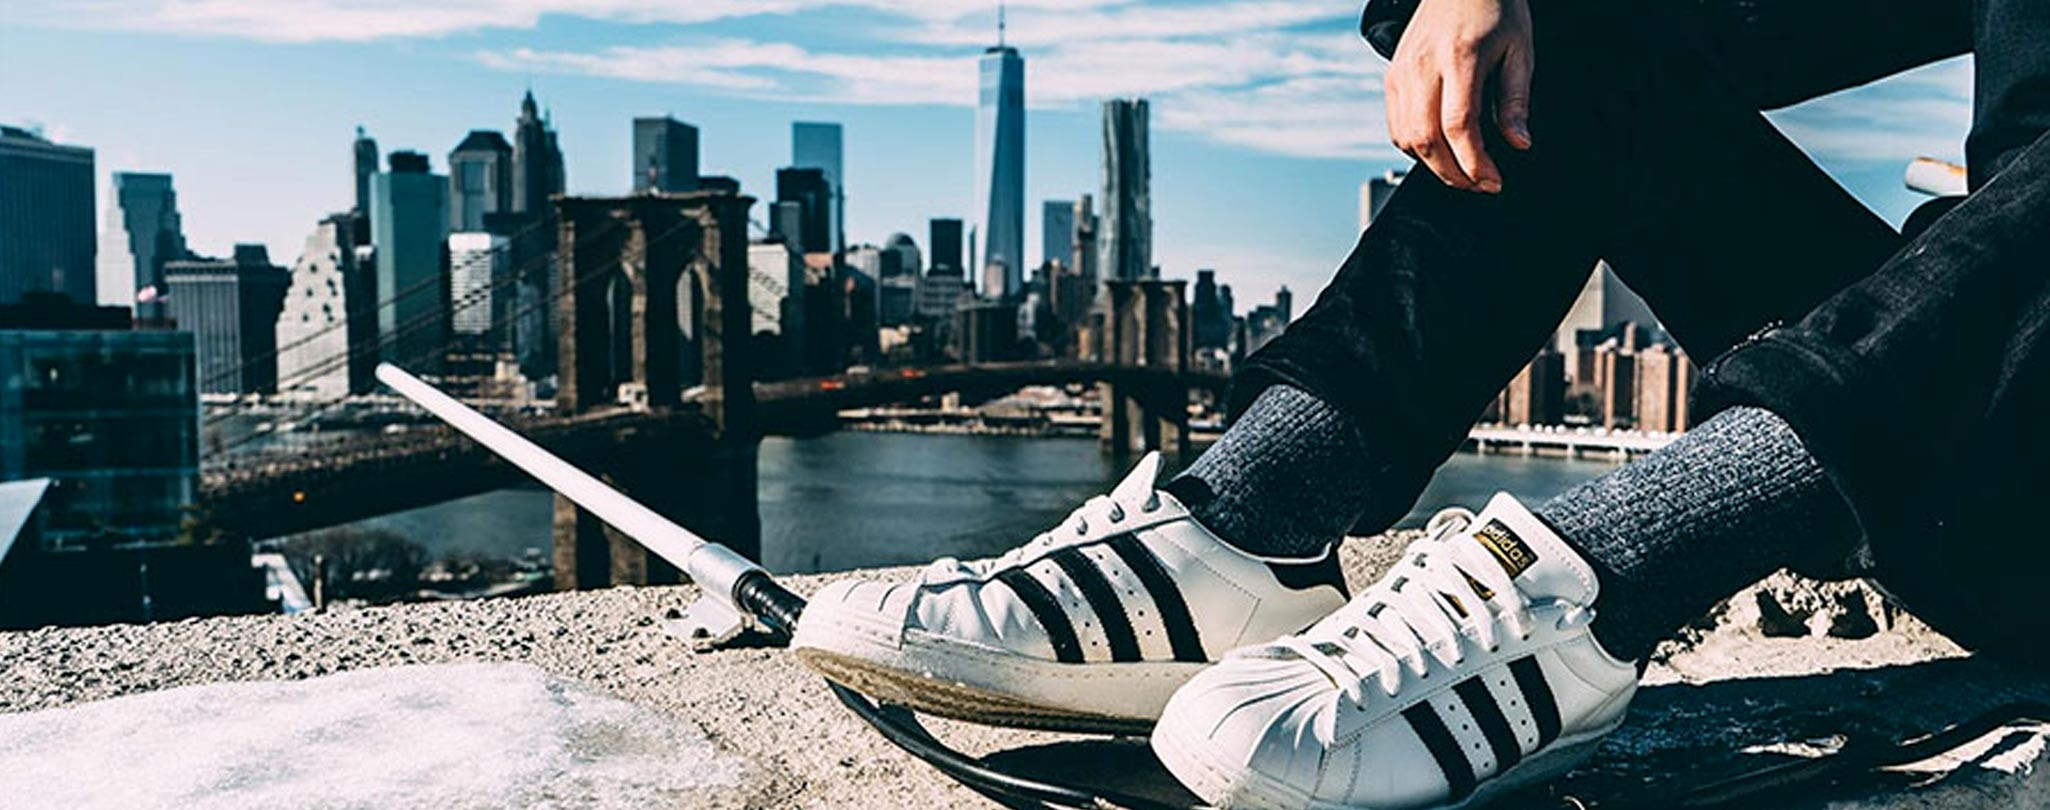 Право выбора: лайфхаки по подбору мужских кроссовок от стилистов